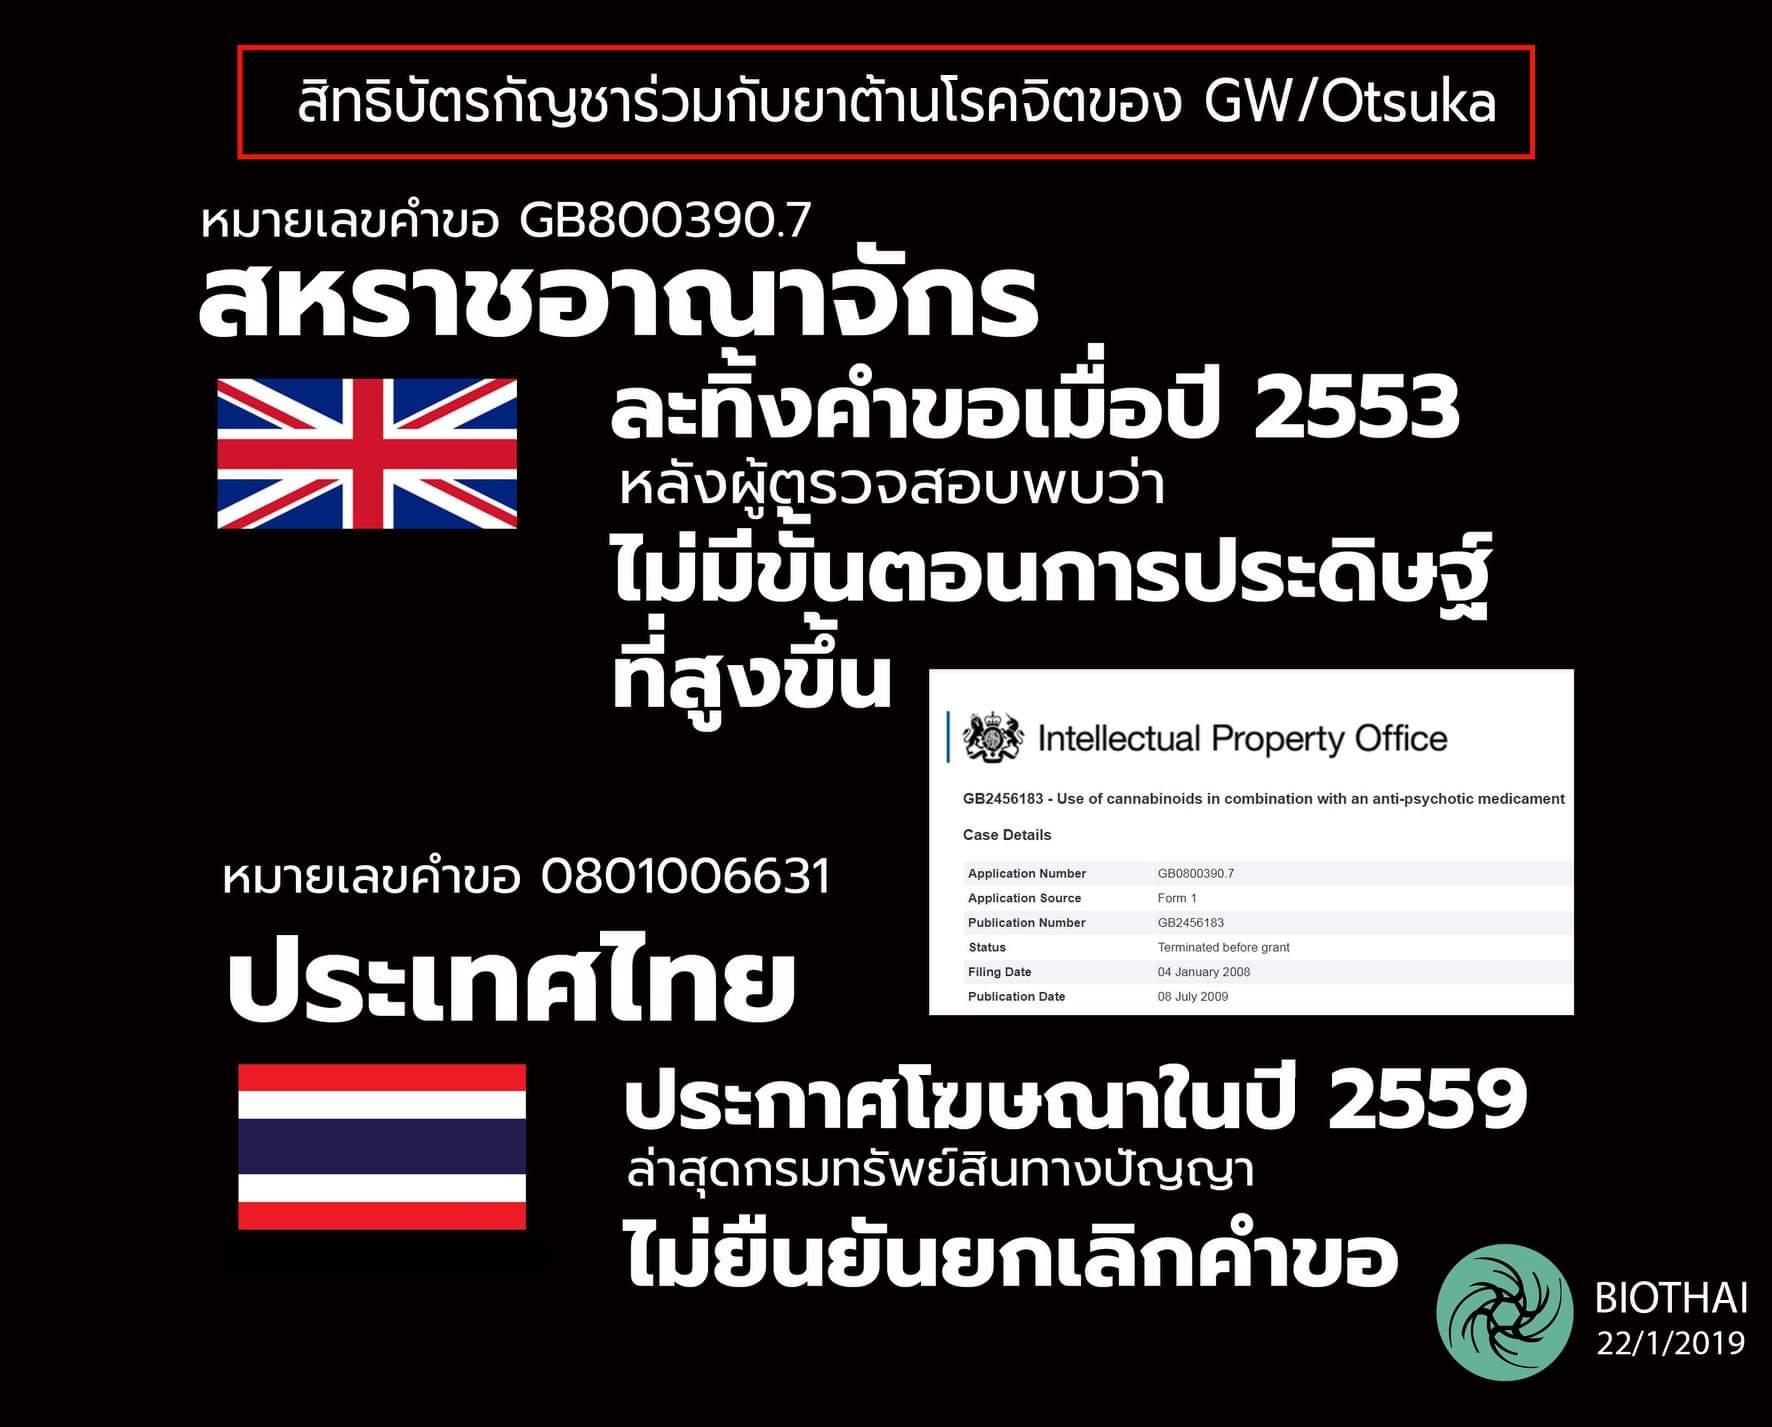 ไบโอไทย ลุยกดดันรัฐบาล แฉคำขอสิทธิบัตรกัญชาถูกละทิ้งในอังกฤษ แต่ให้โฆษณาในไทย ทั้งที่เป็นตัวเดียวกัน